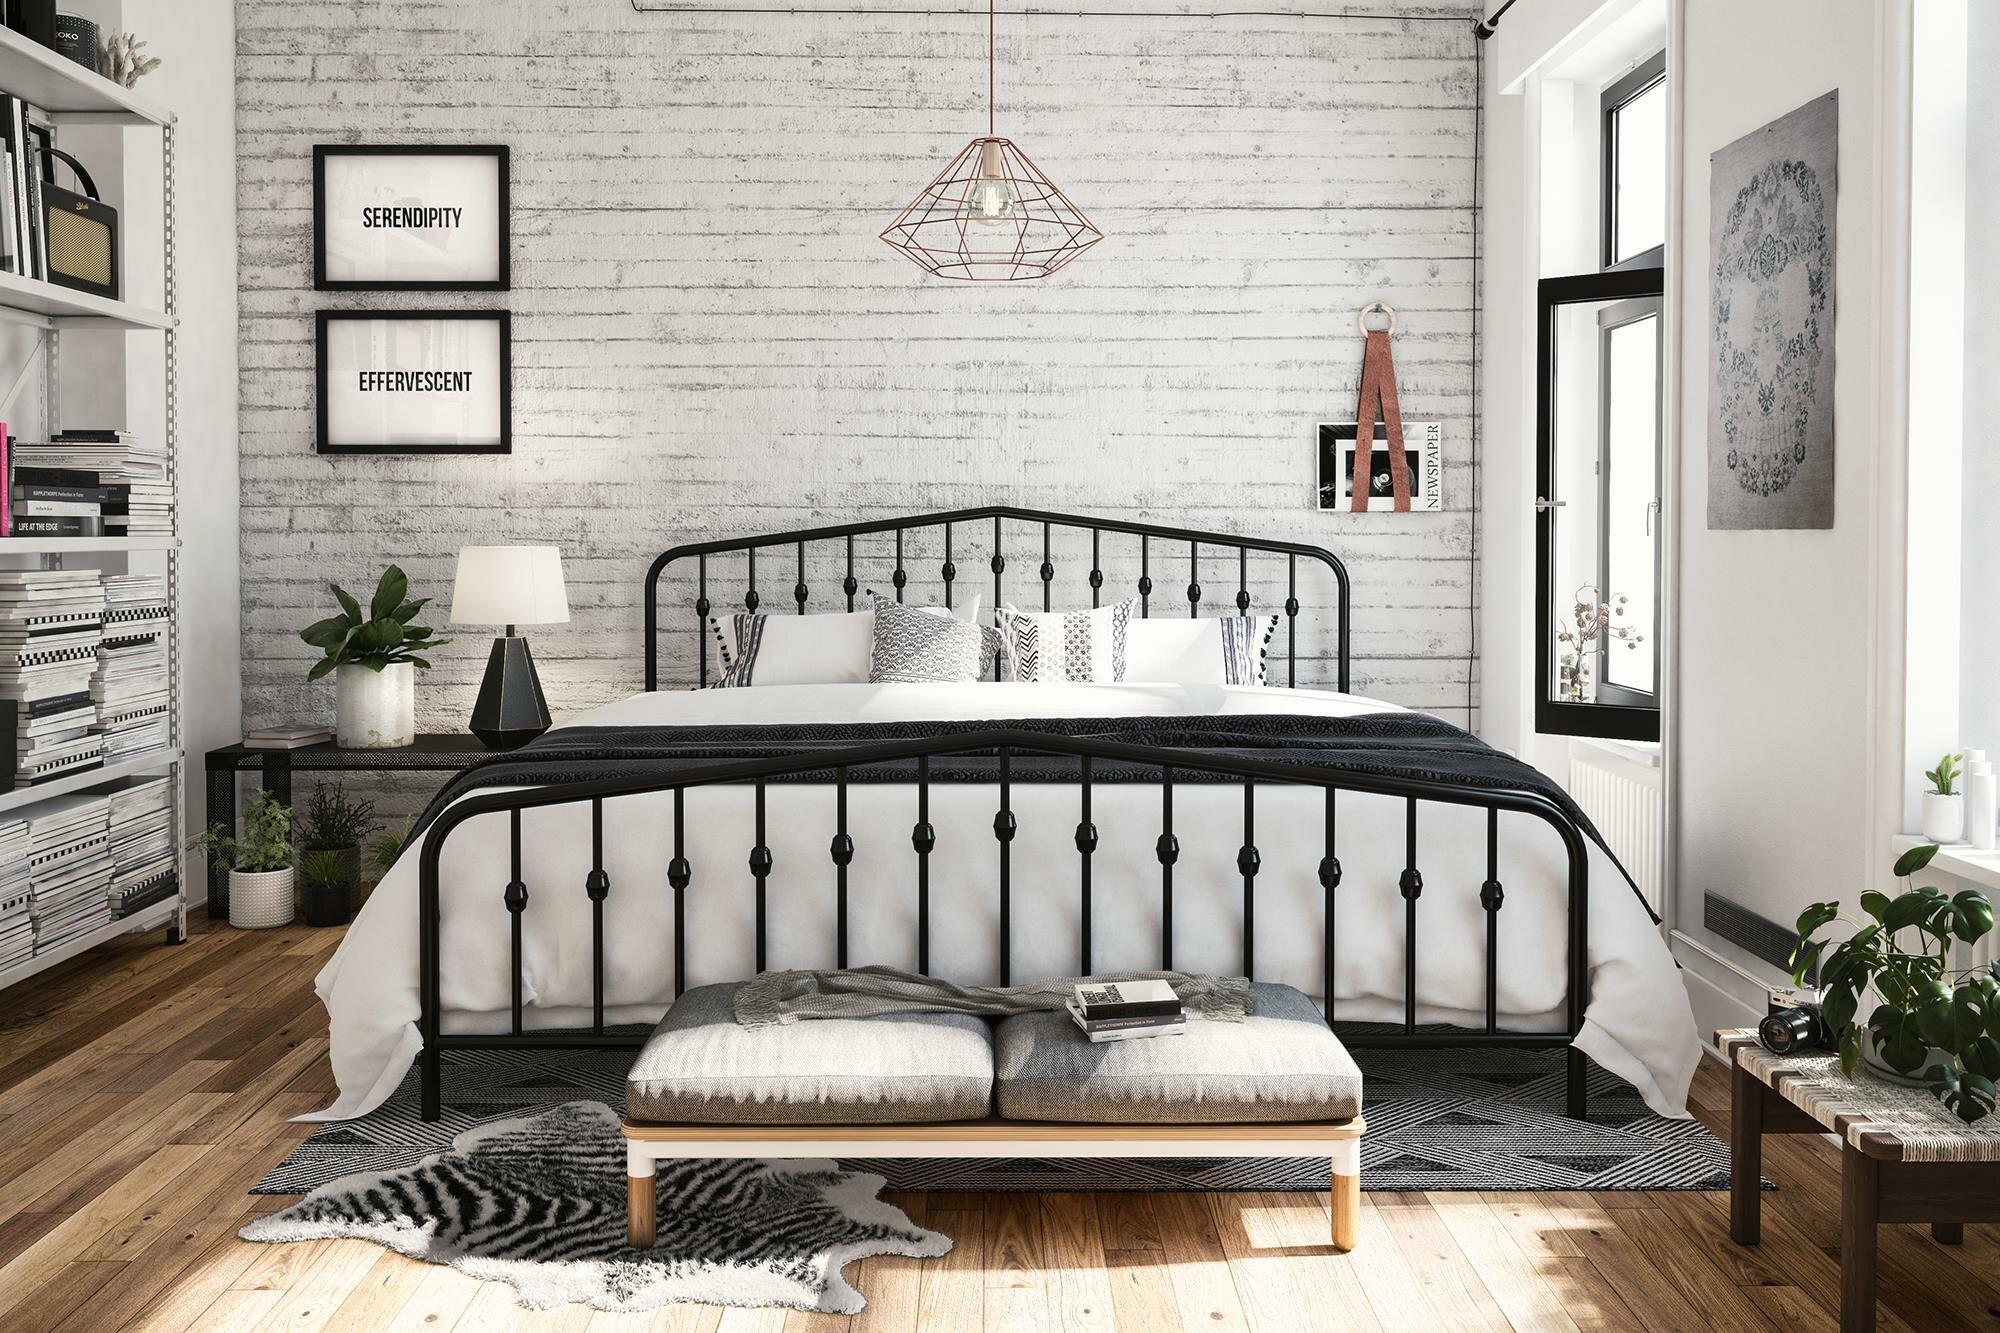 Bedding 101 How To Pick The Best Down Comforter Wayfair